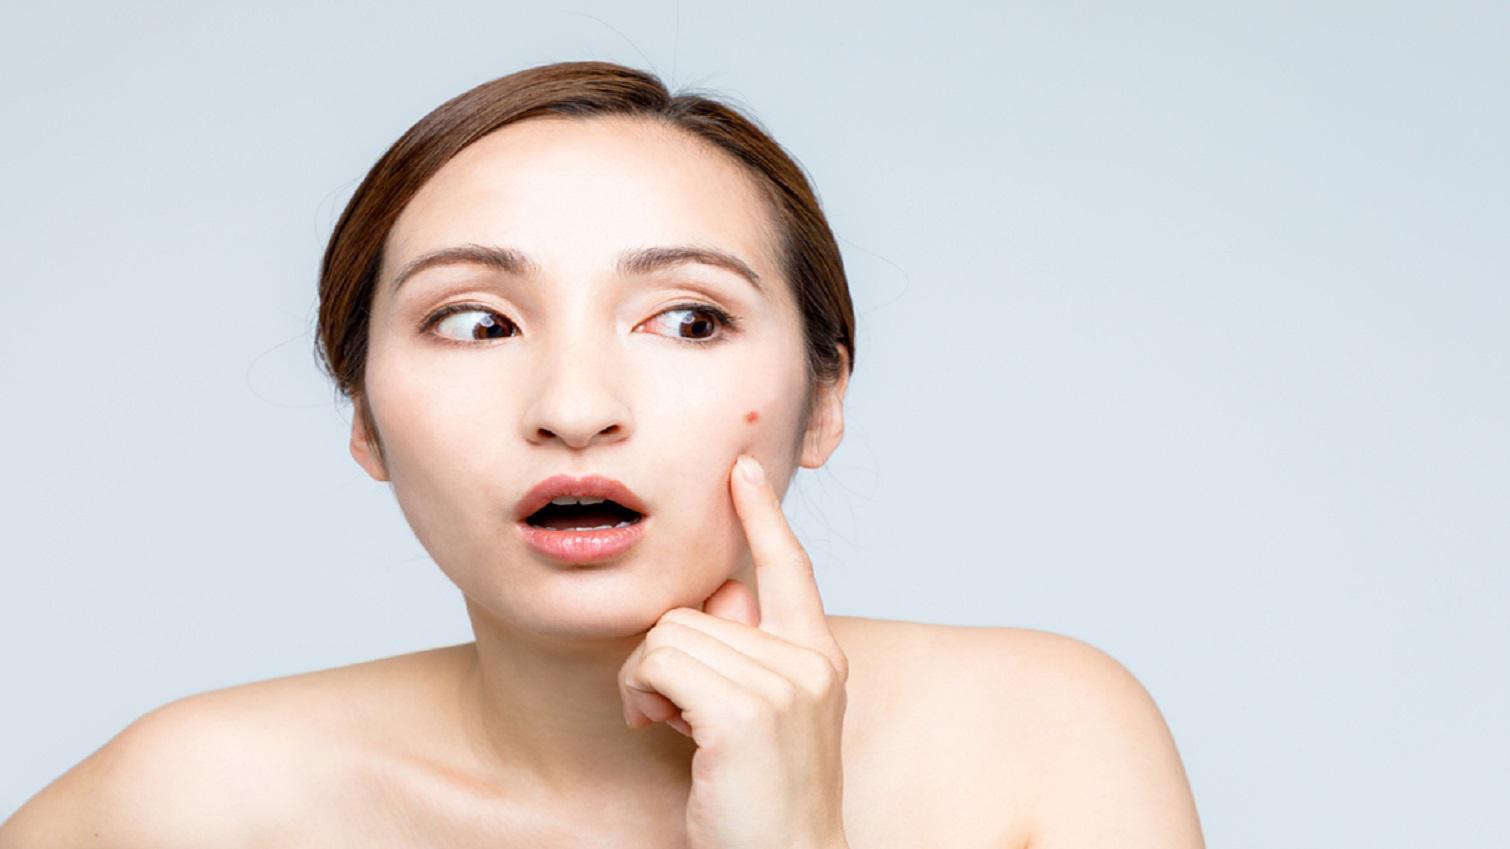 Apakah Jerawat Karena Salah Memilih Kosmetik Bisa Hilang